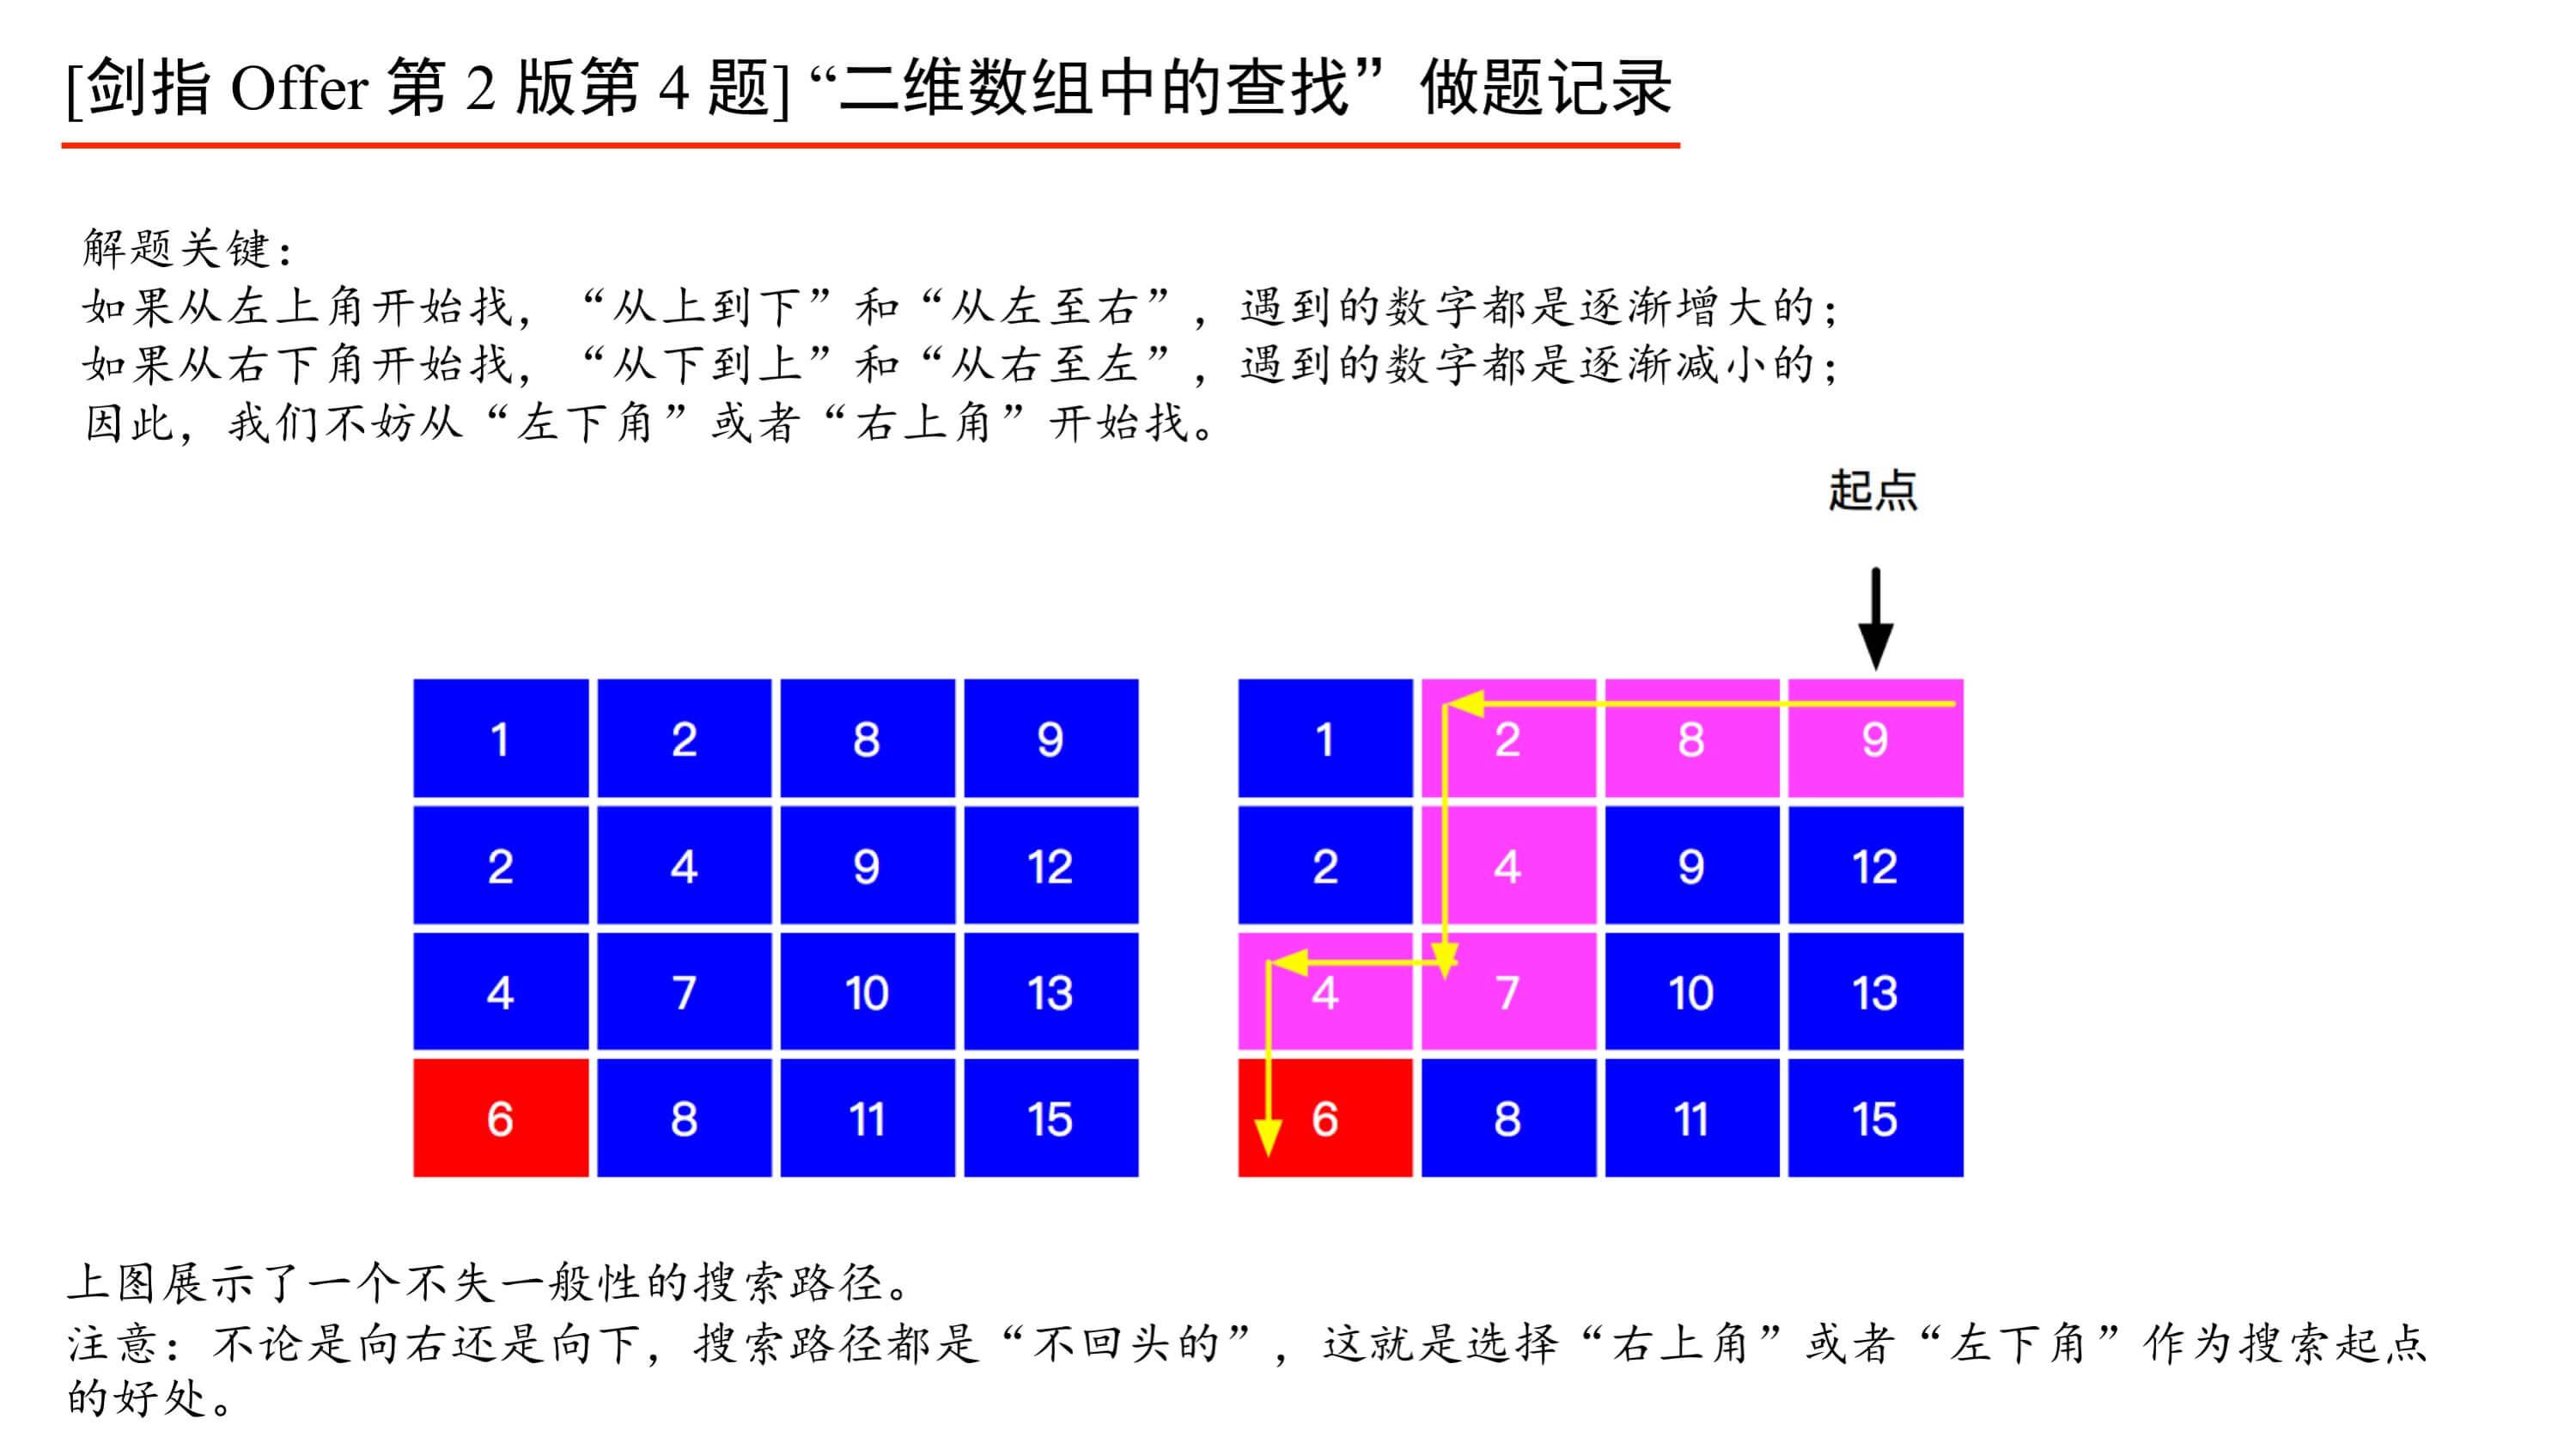 liwei20191015_1.png